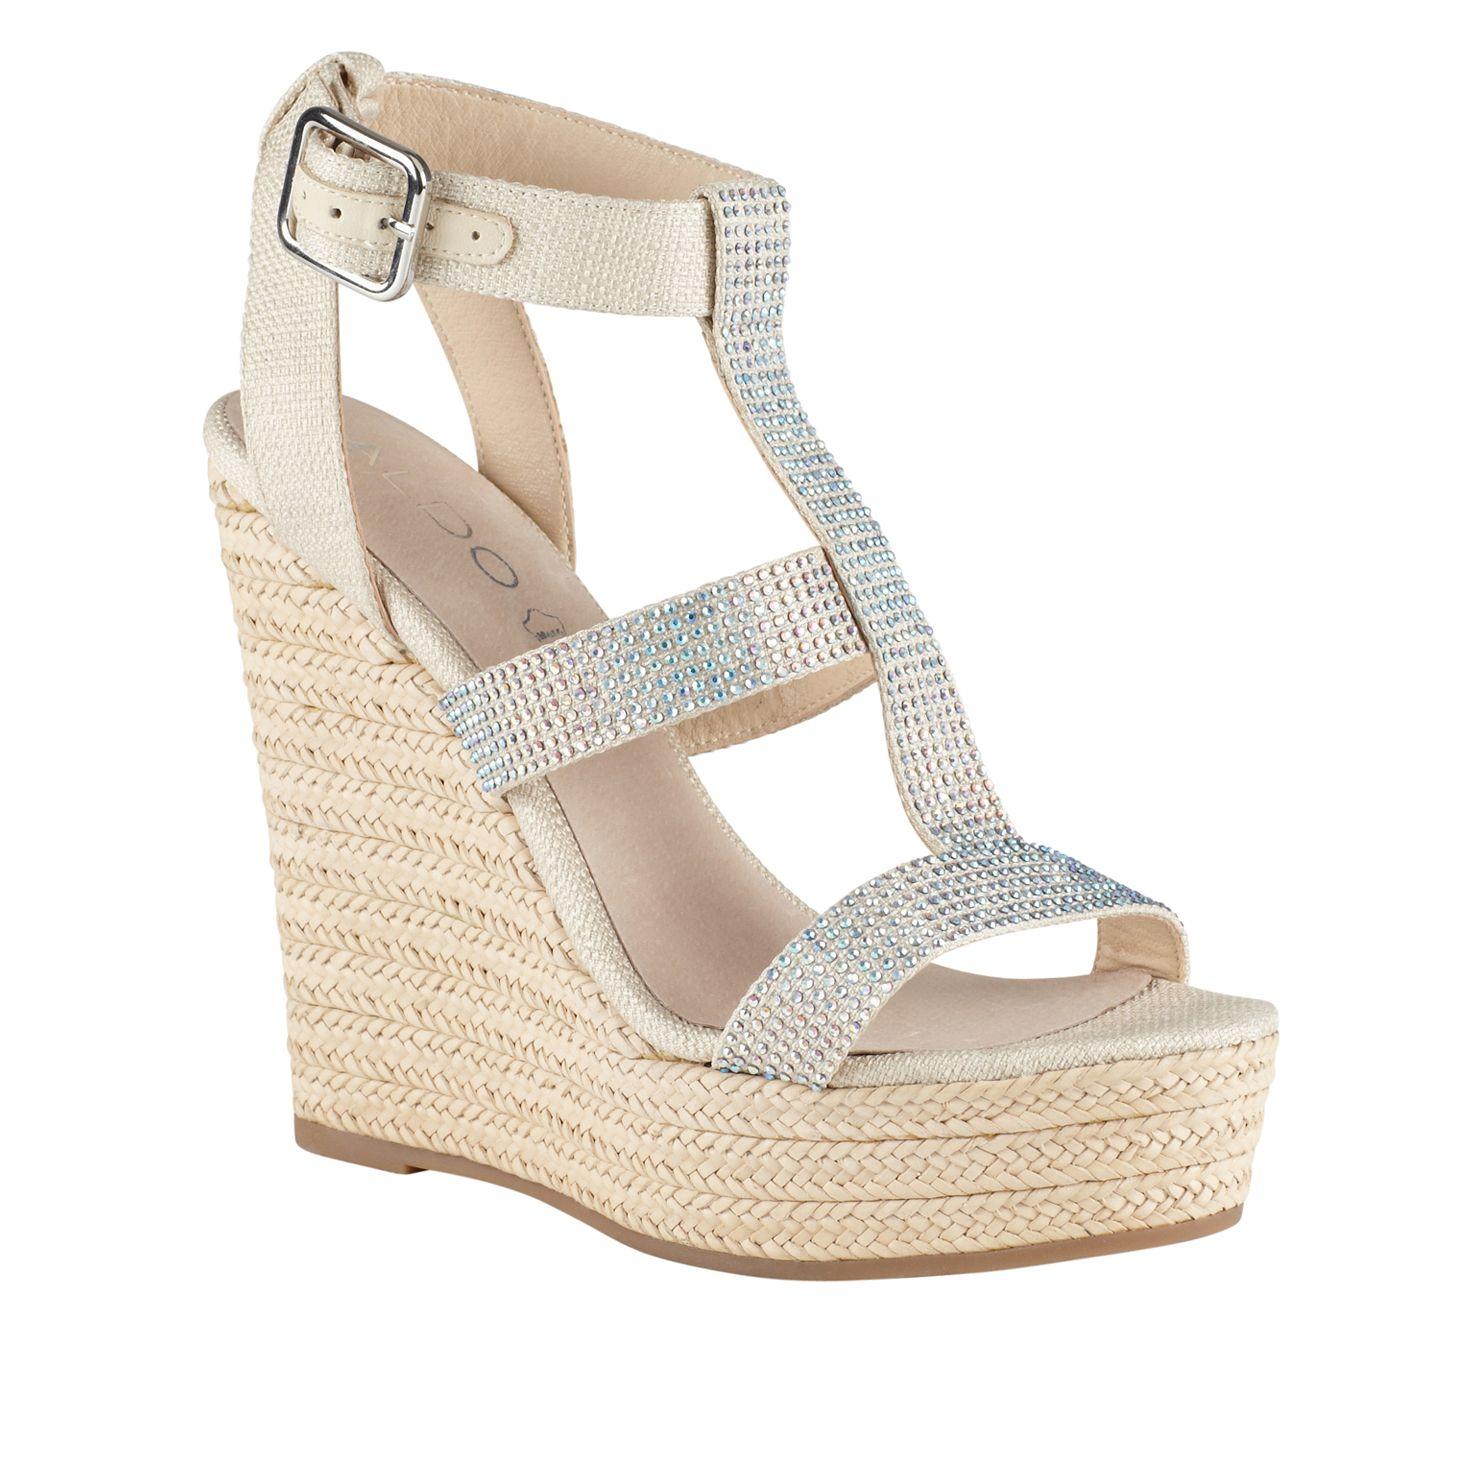 aldo tilissa wedge espadrille sandals in white